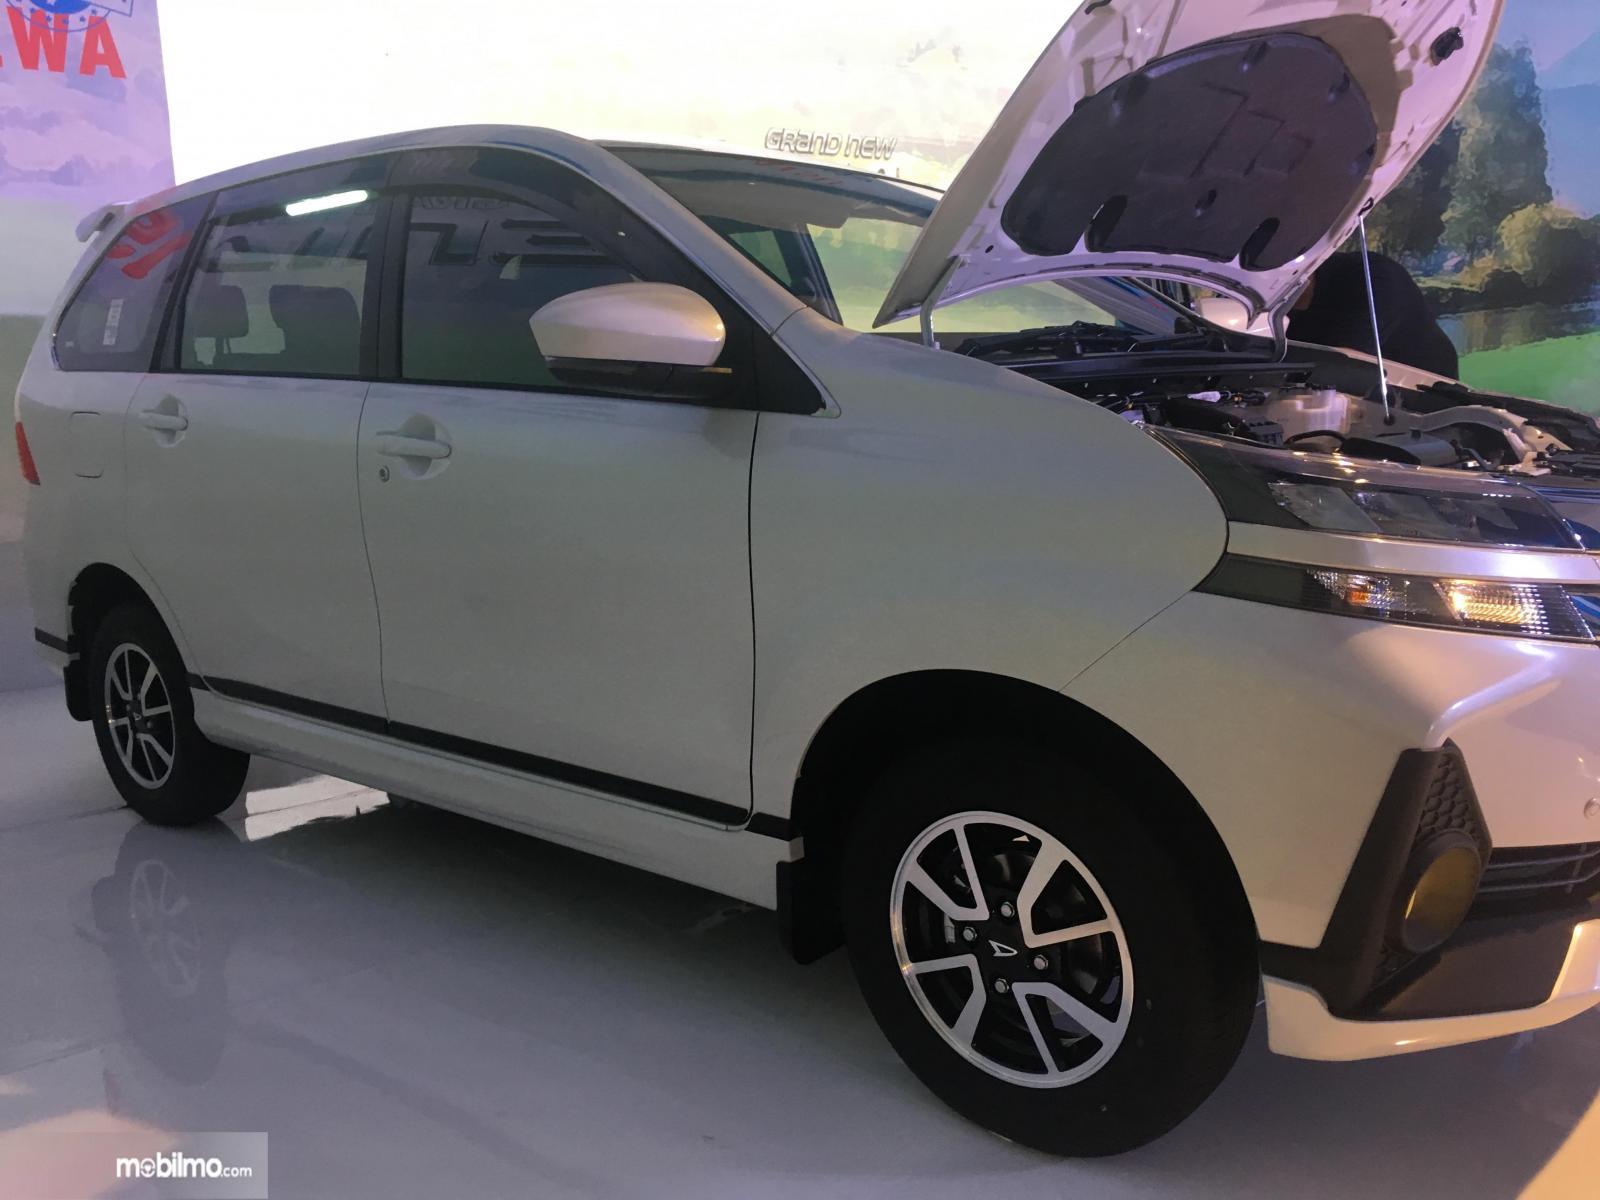 Tampak Ringkasan fitur keselamatan Daihatsu Grand New Xenia R M/T 1.5 Deluxe 2019